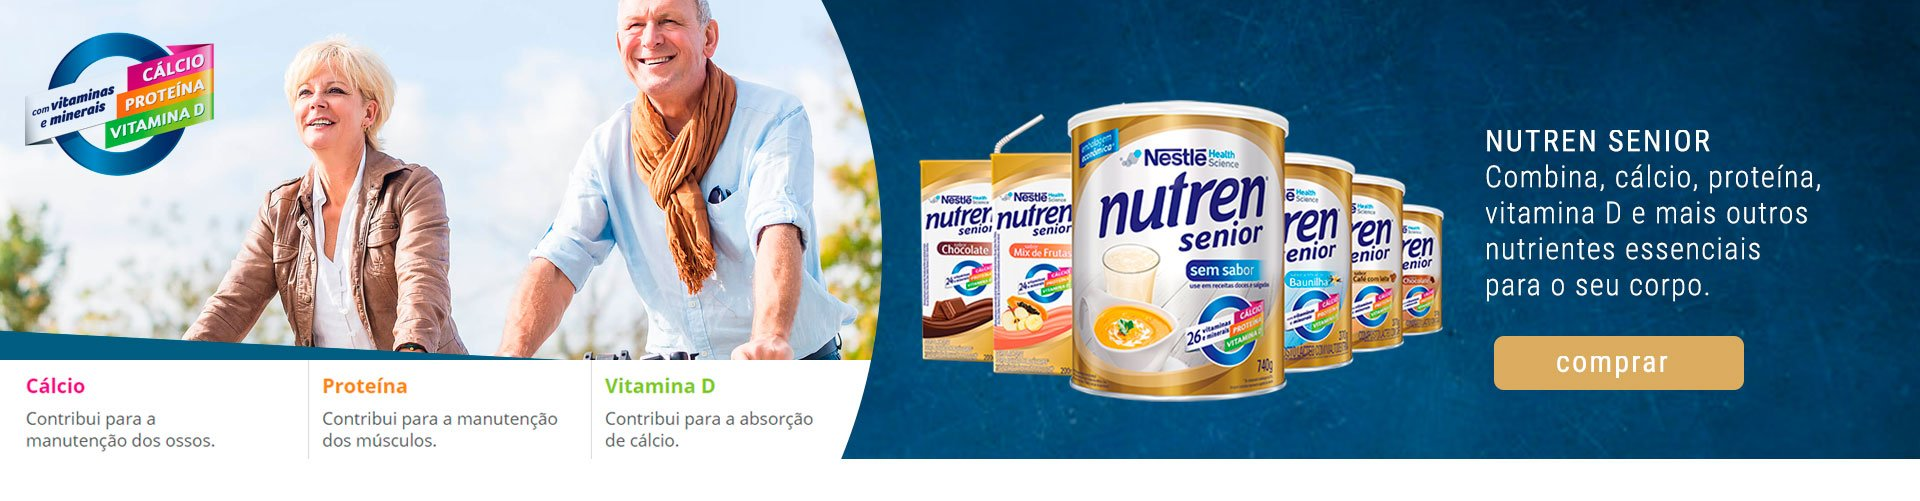 Nutrição Nestle